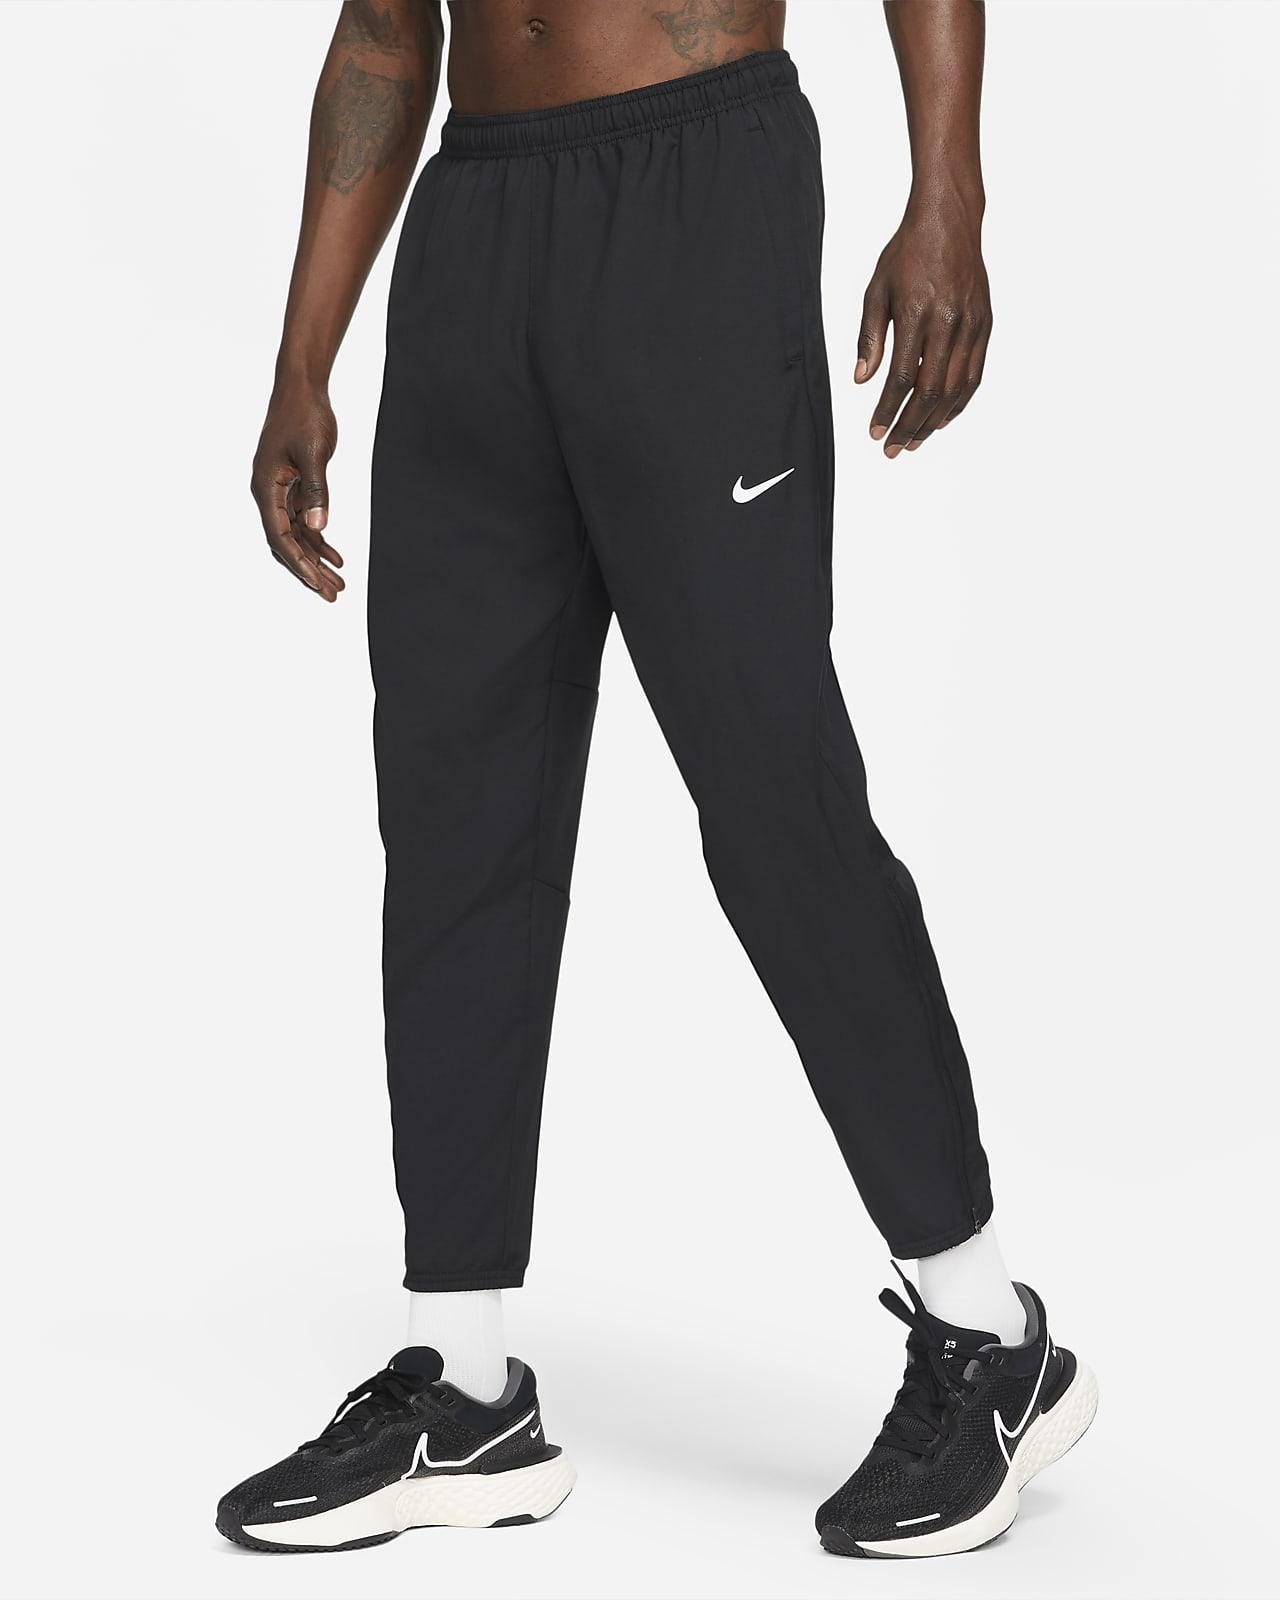 Pánské tkané běžecké kalhoty Nike Dri-FIT Challenger